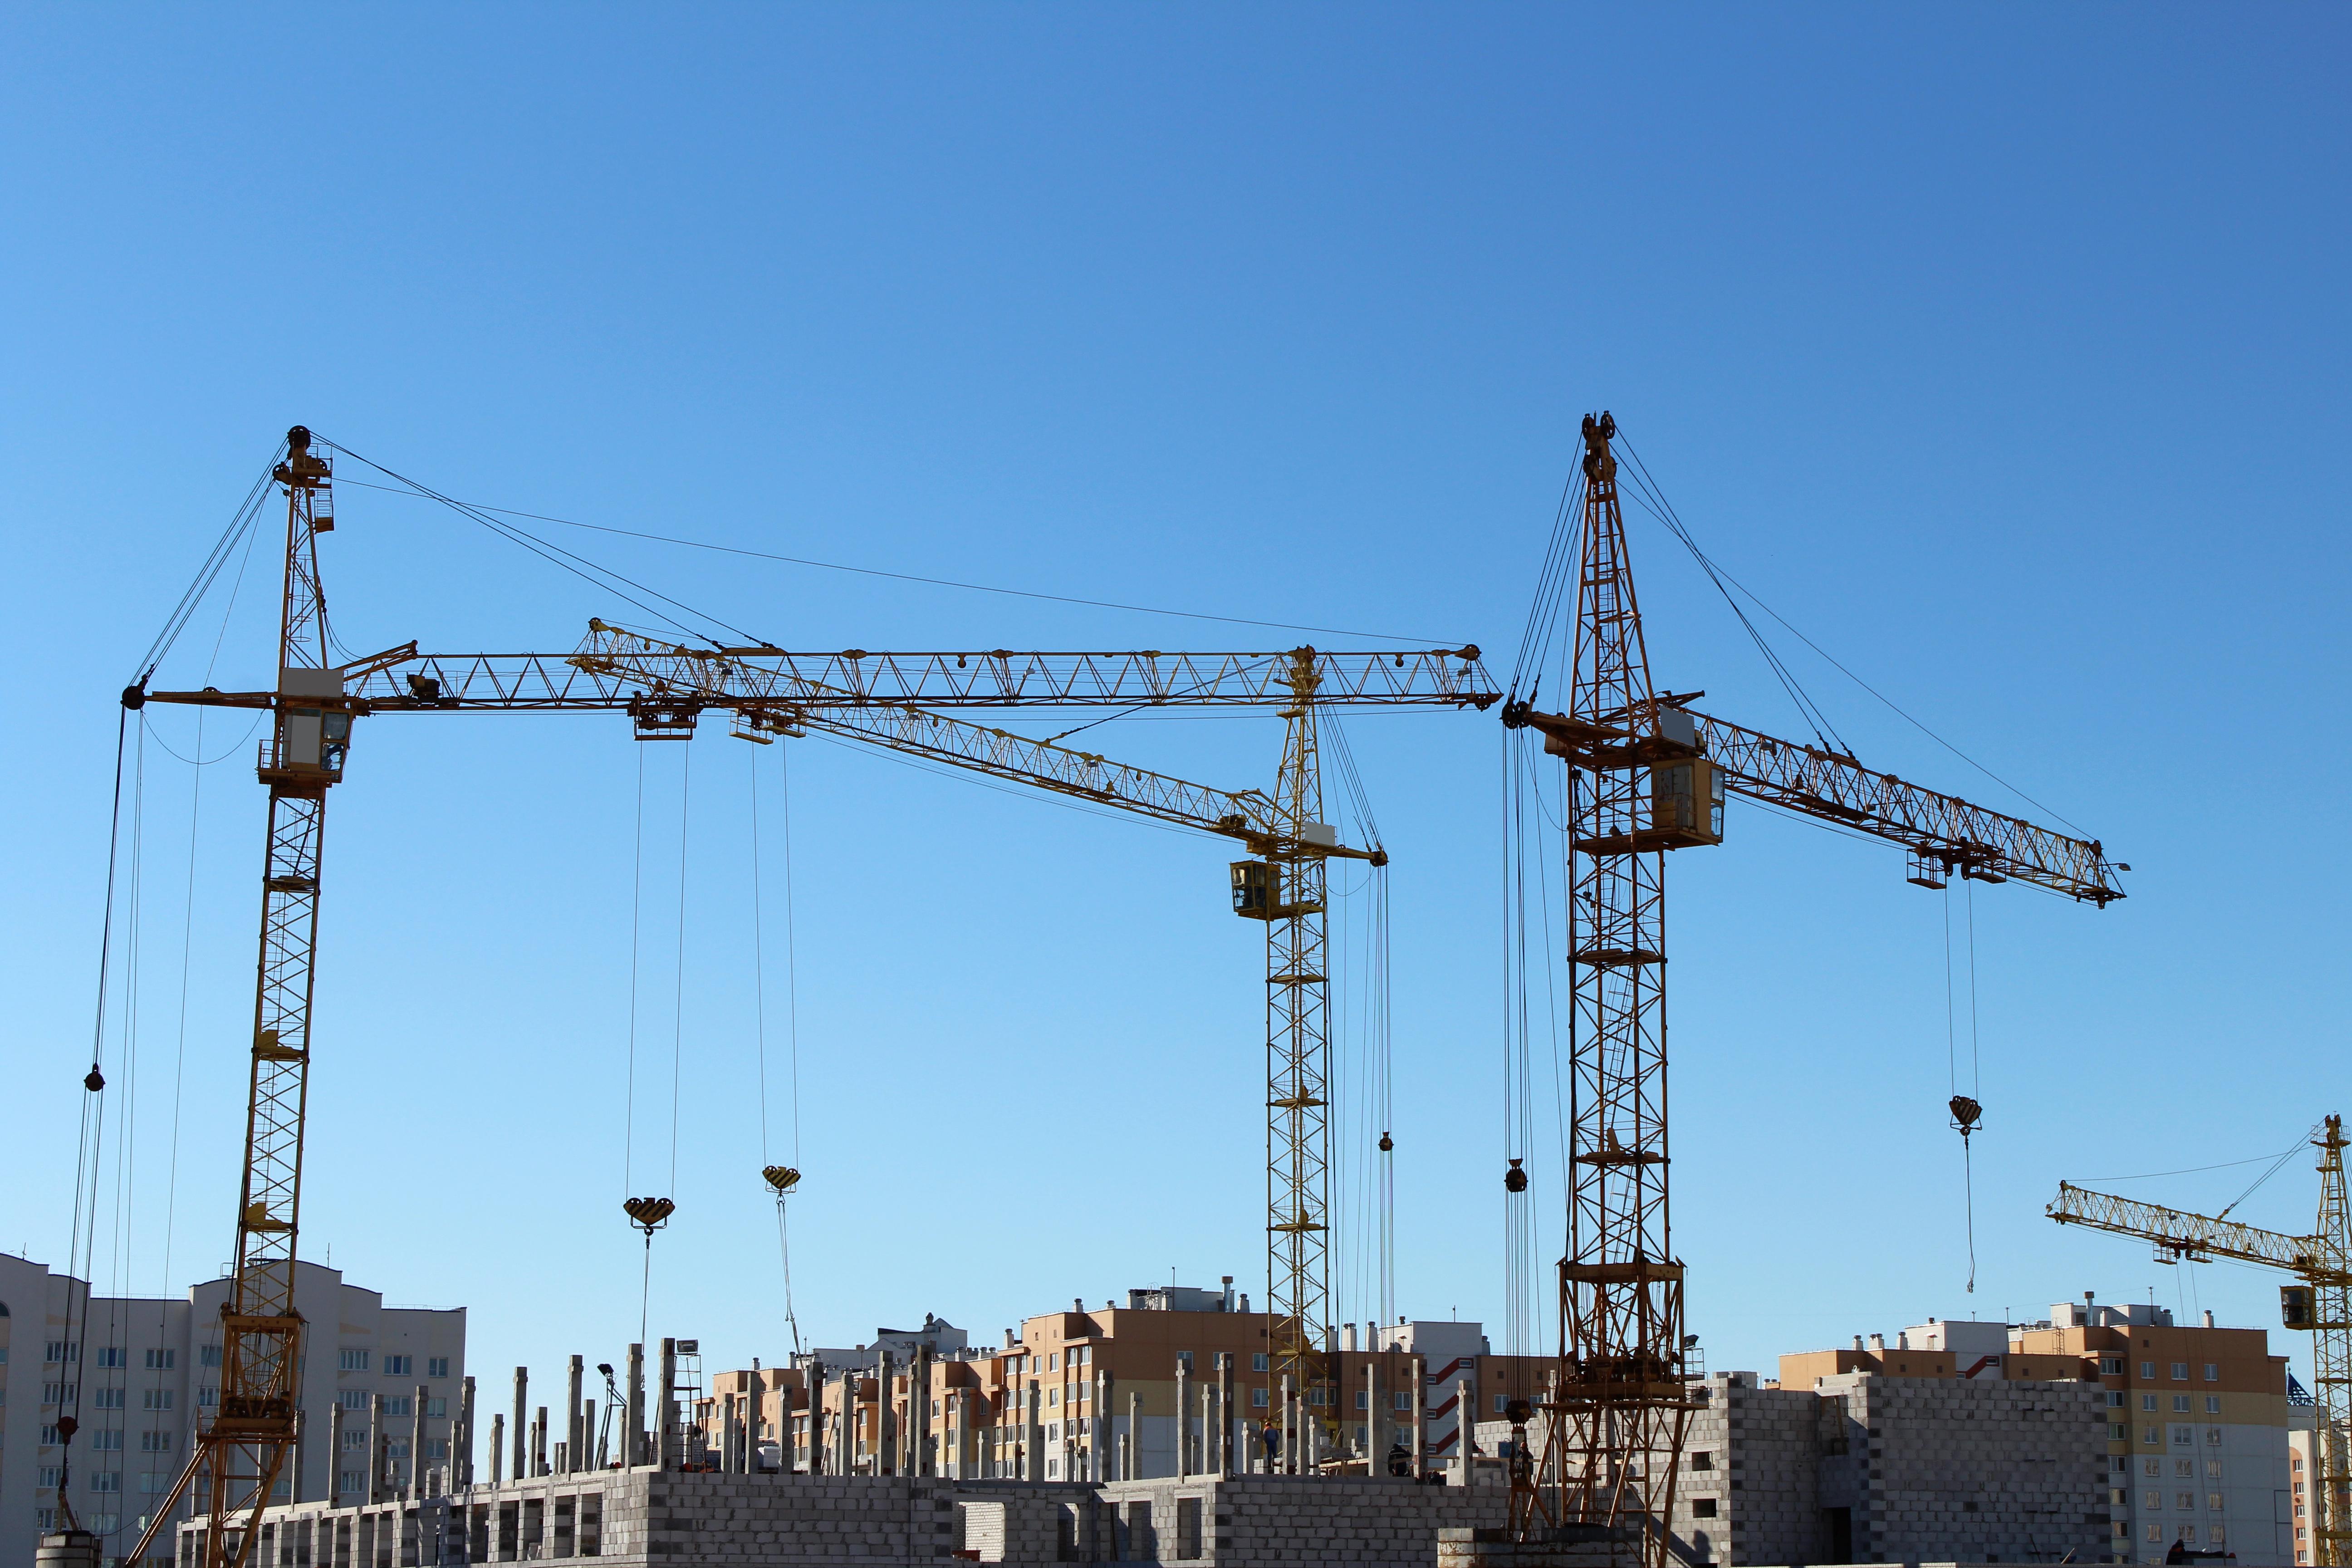 Części żurawia budowlanego w Pres-Kol